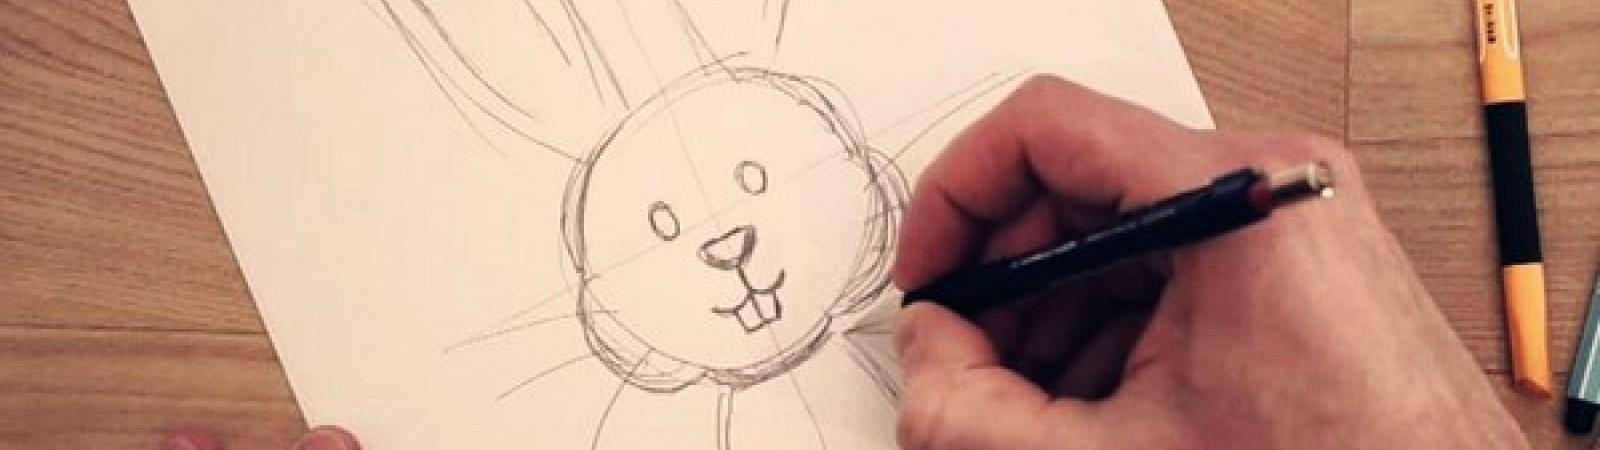 Corso Online di Disegno Artistico a Mano Libera